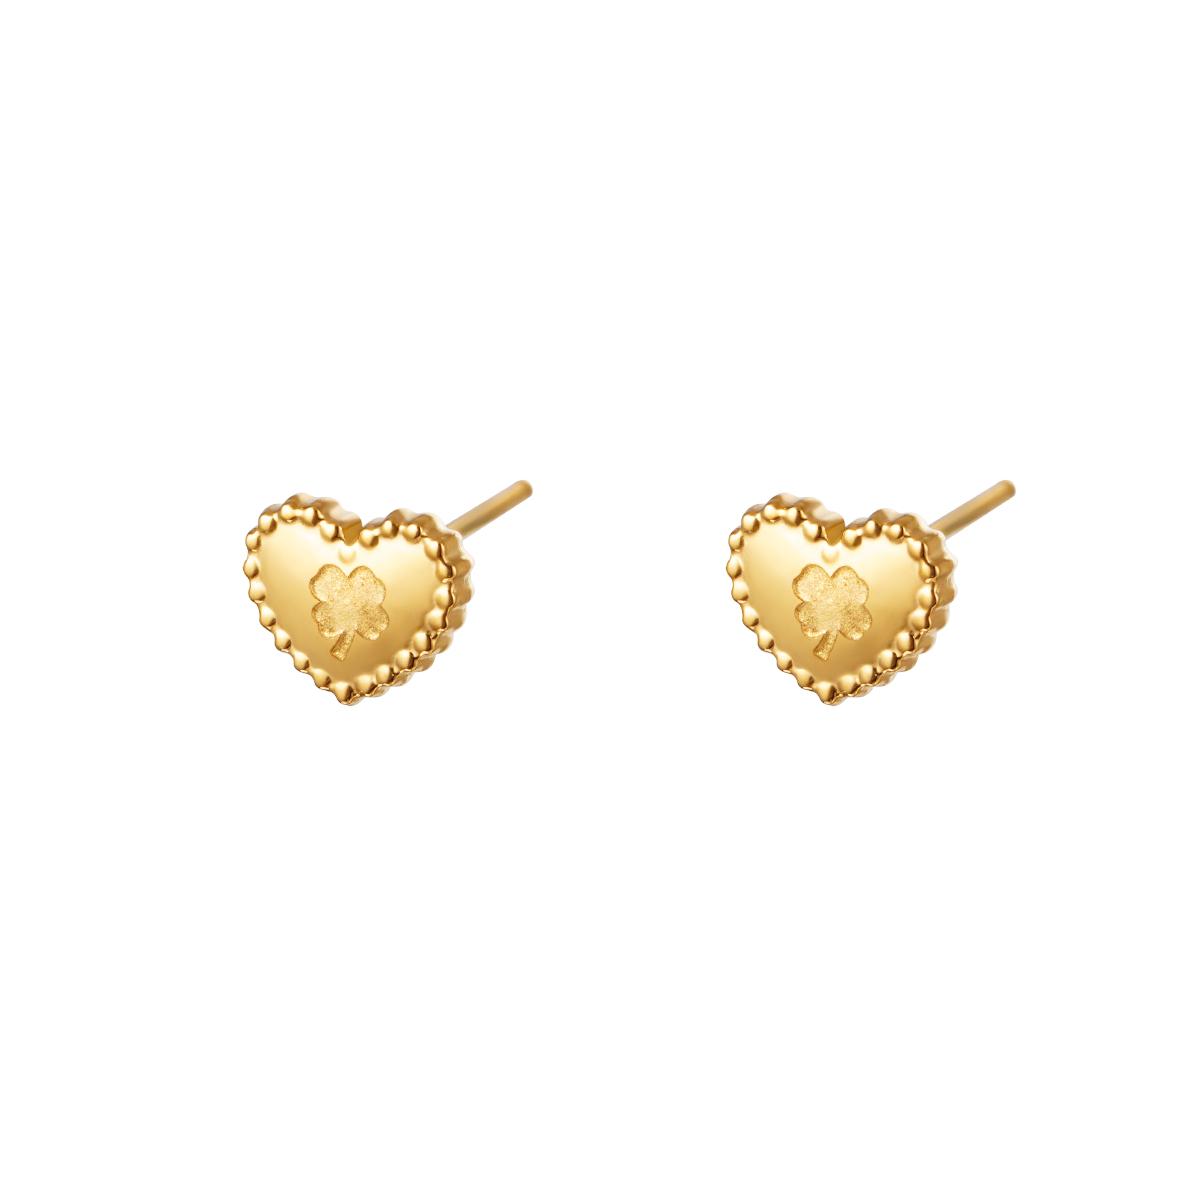 Boucles d'oreilles Lovely Clover